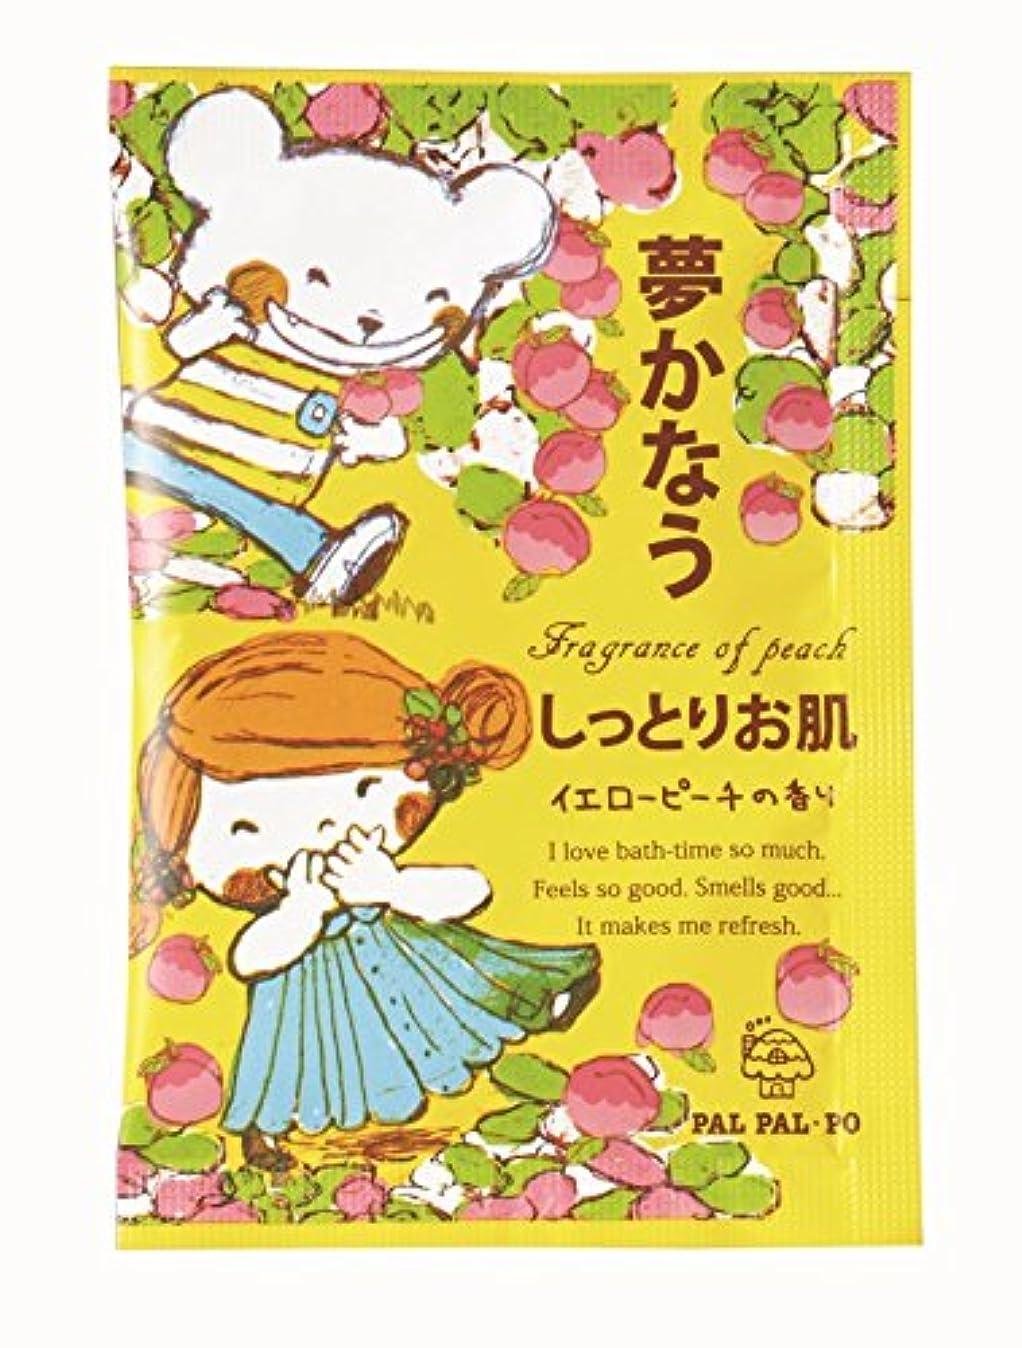 補足隣接するギャラントリー入浴剤 パルパルポ-(しっとりお肌 イエロ-ピ-チの香り)20g ケース 200個入り